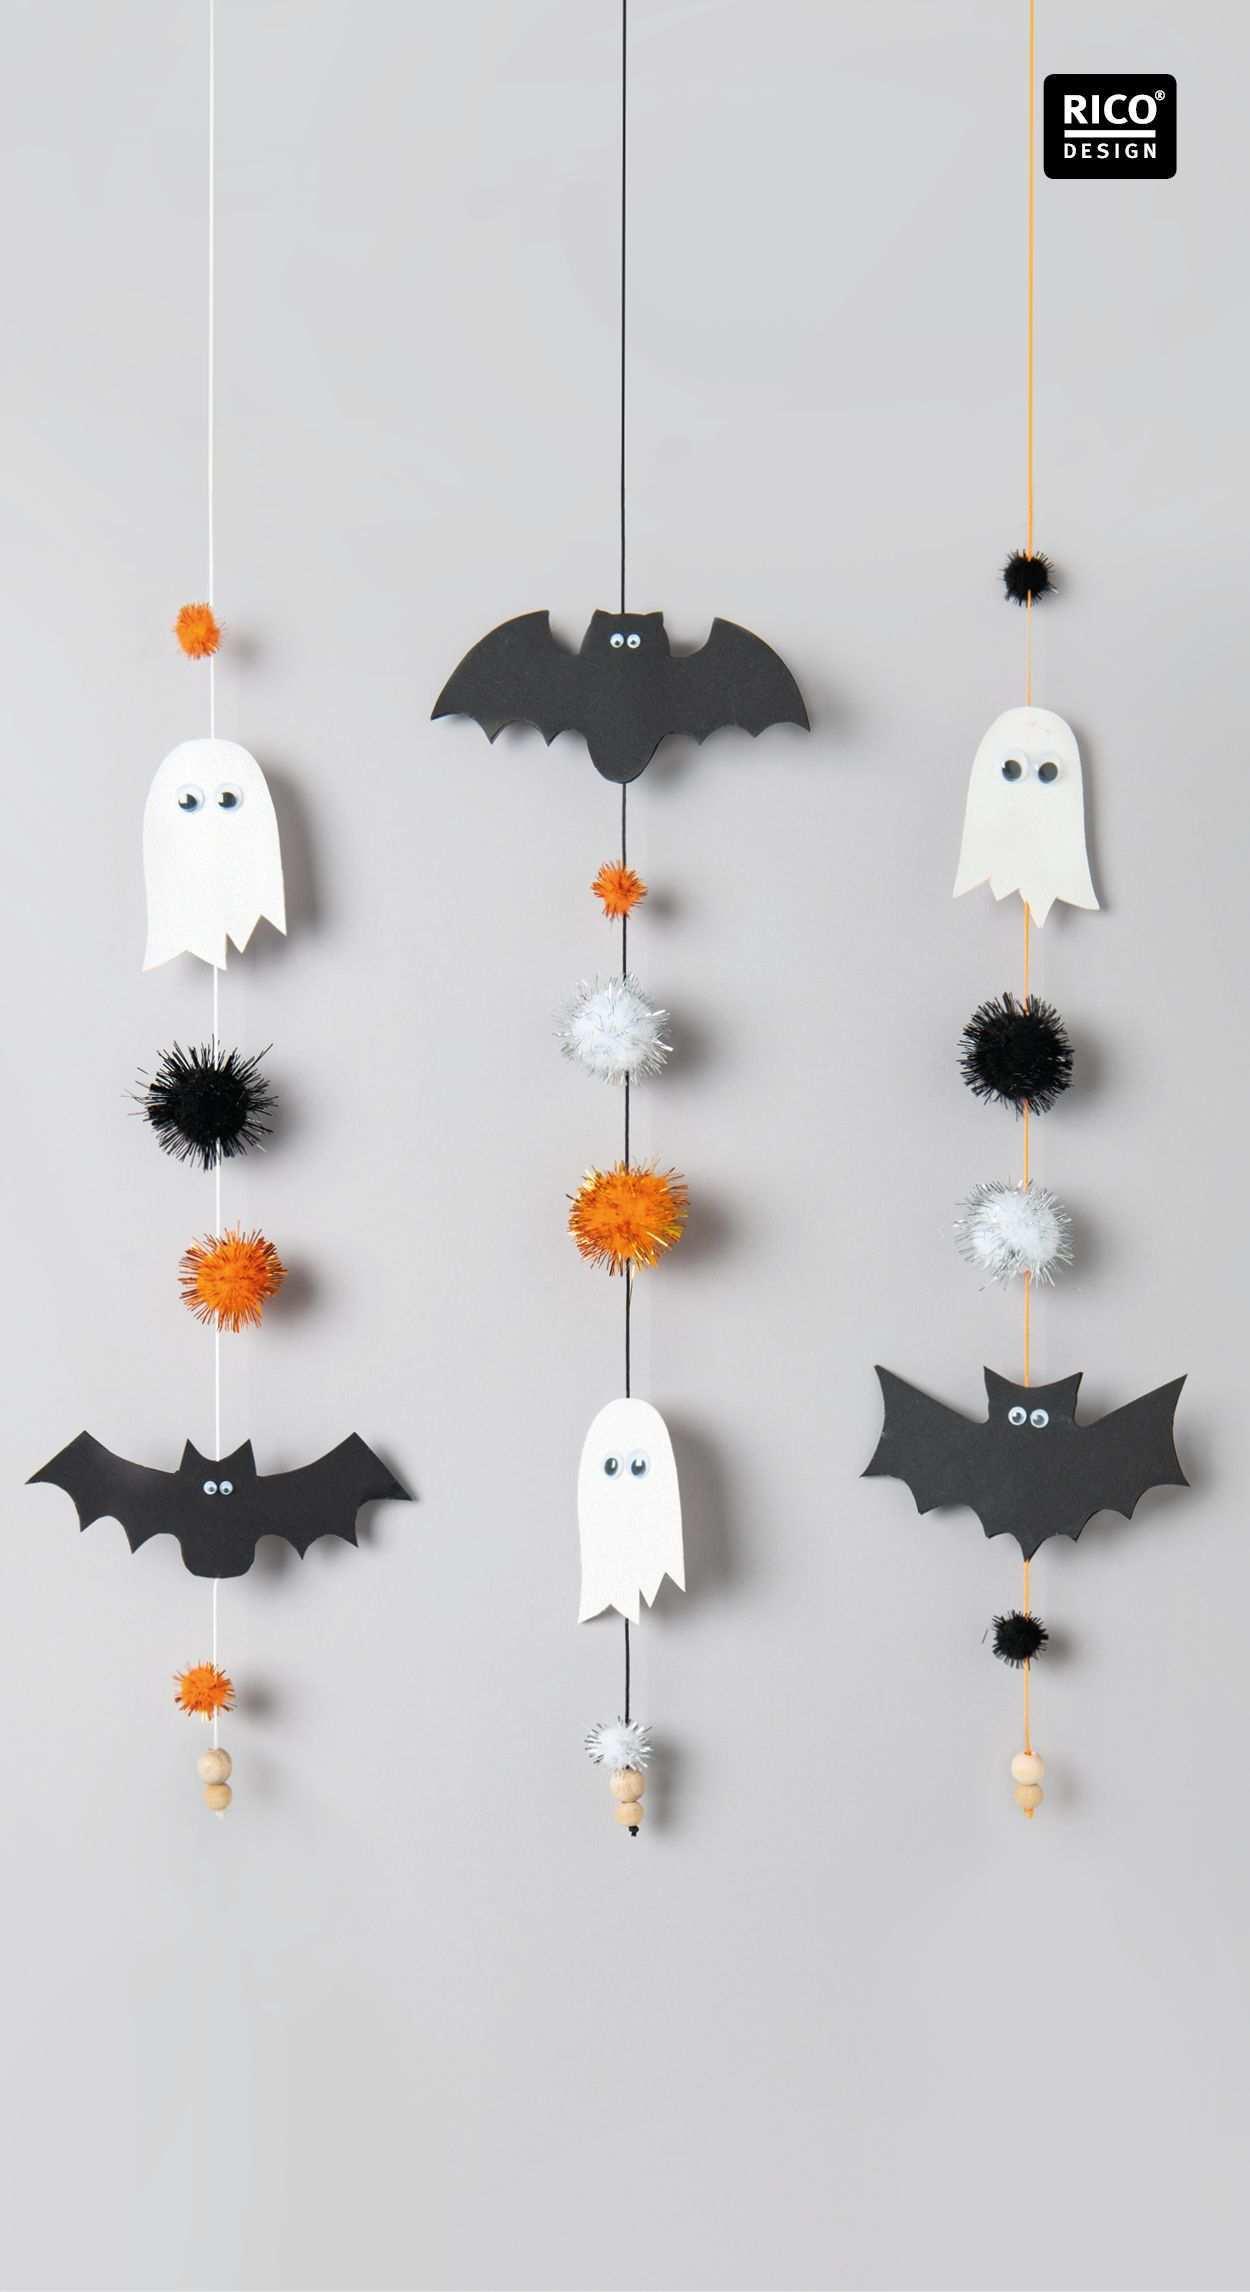 Lustige Halloween Girlande Mit Glitzer Pompons Basteln Halloween Girlande Girlanden Basteln Halloweendeko